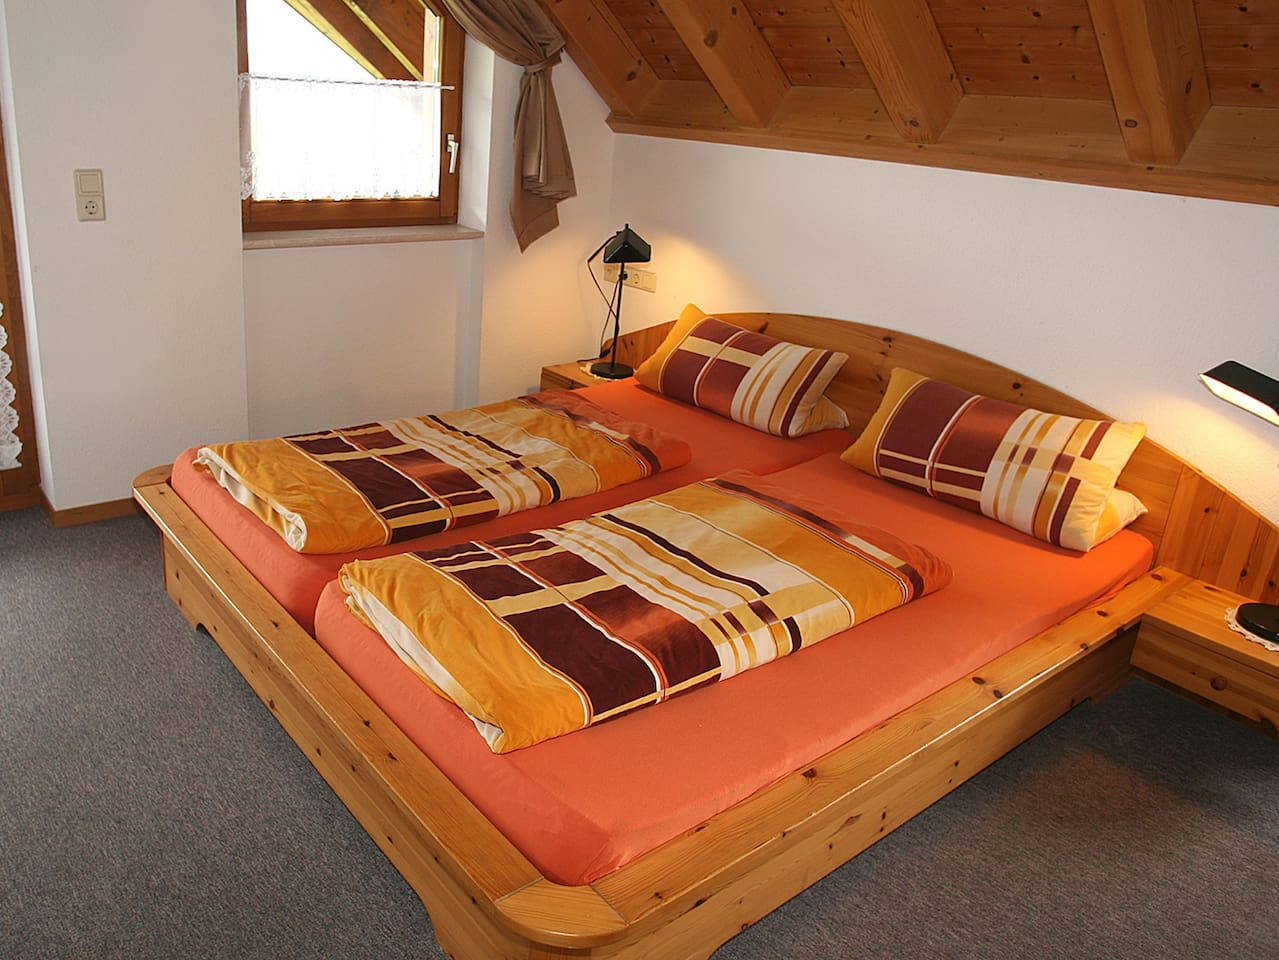 Schlafzimmer mit Möglichkeit zum Zustellen eines Baby- und Zustellbettes